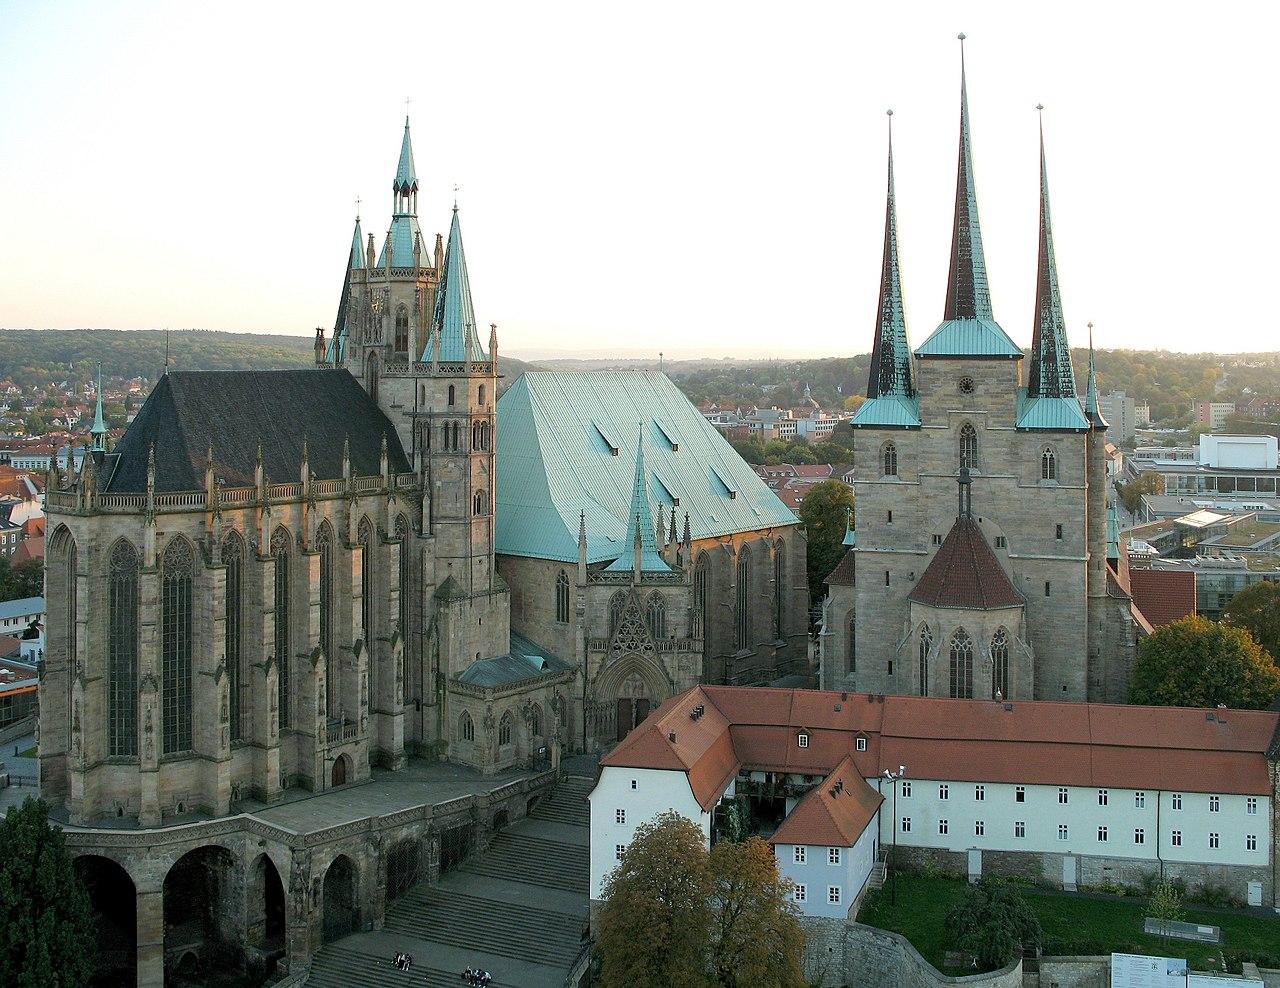 Центральная Германия: самые интересные достопримечательности, что стоит посетить, где вкусно поесть, отзывы туристов